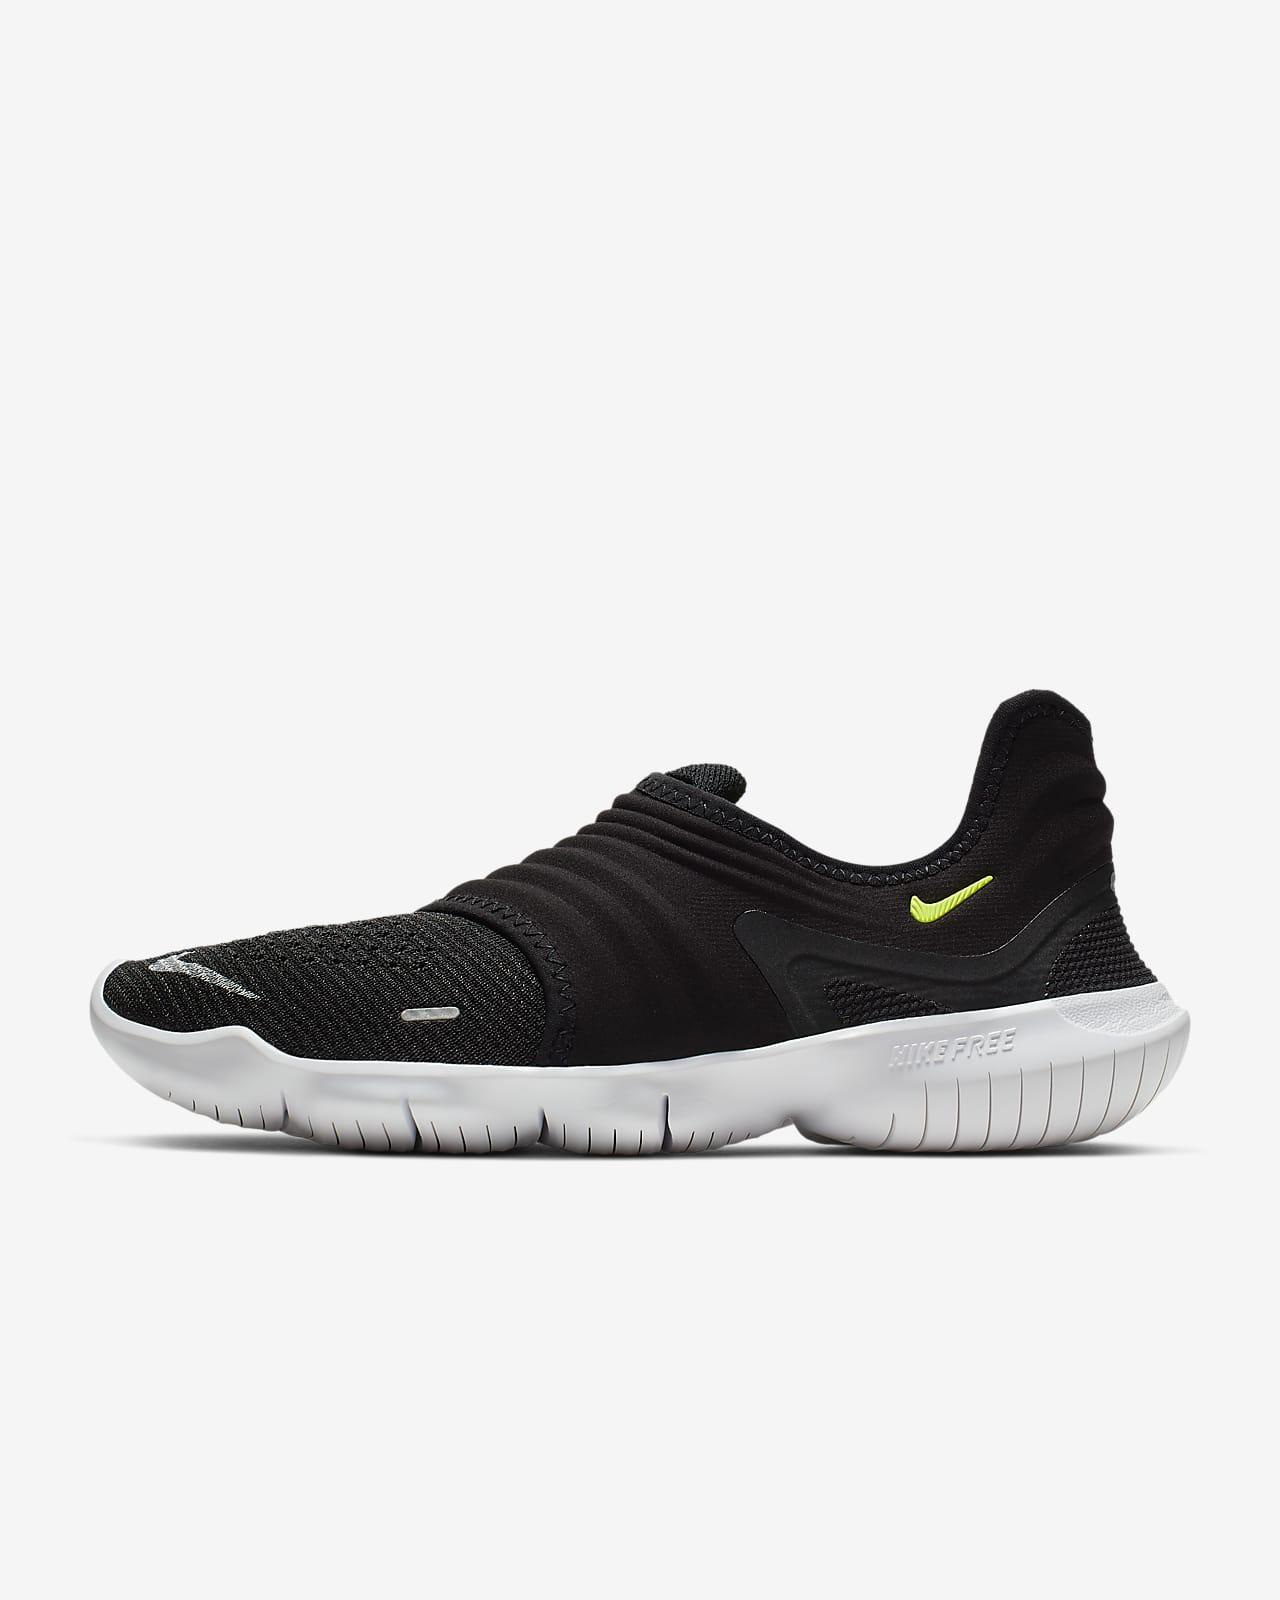 รองเท้าวิ่งผู้หญิง Nike Free RN Flyknit 3.0